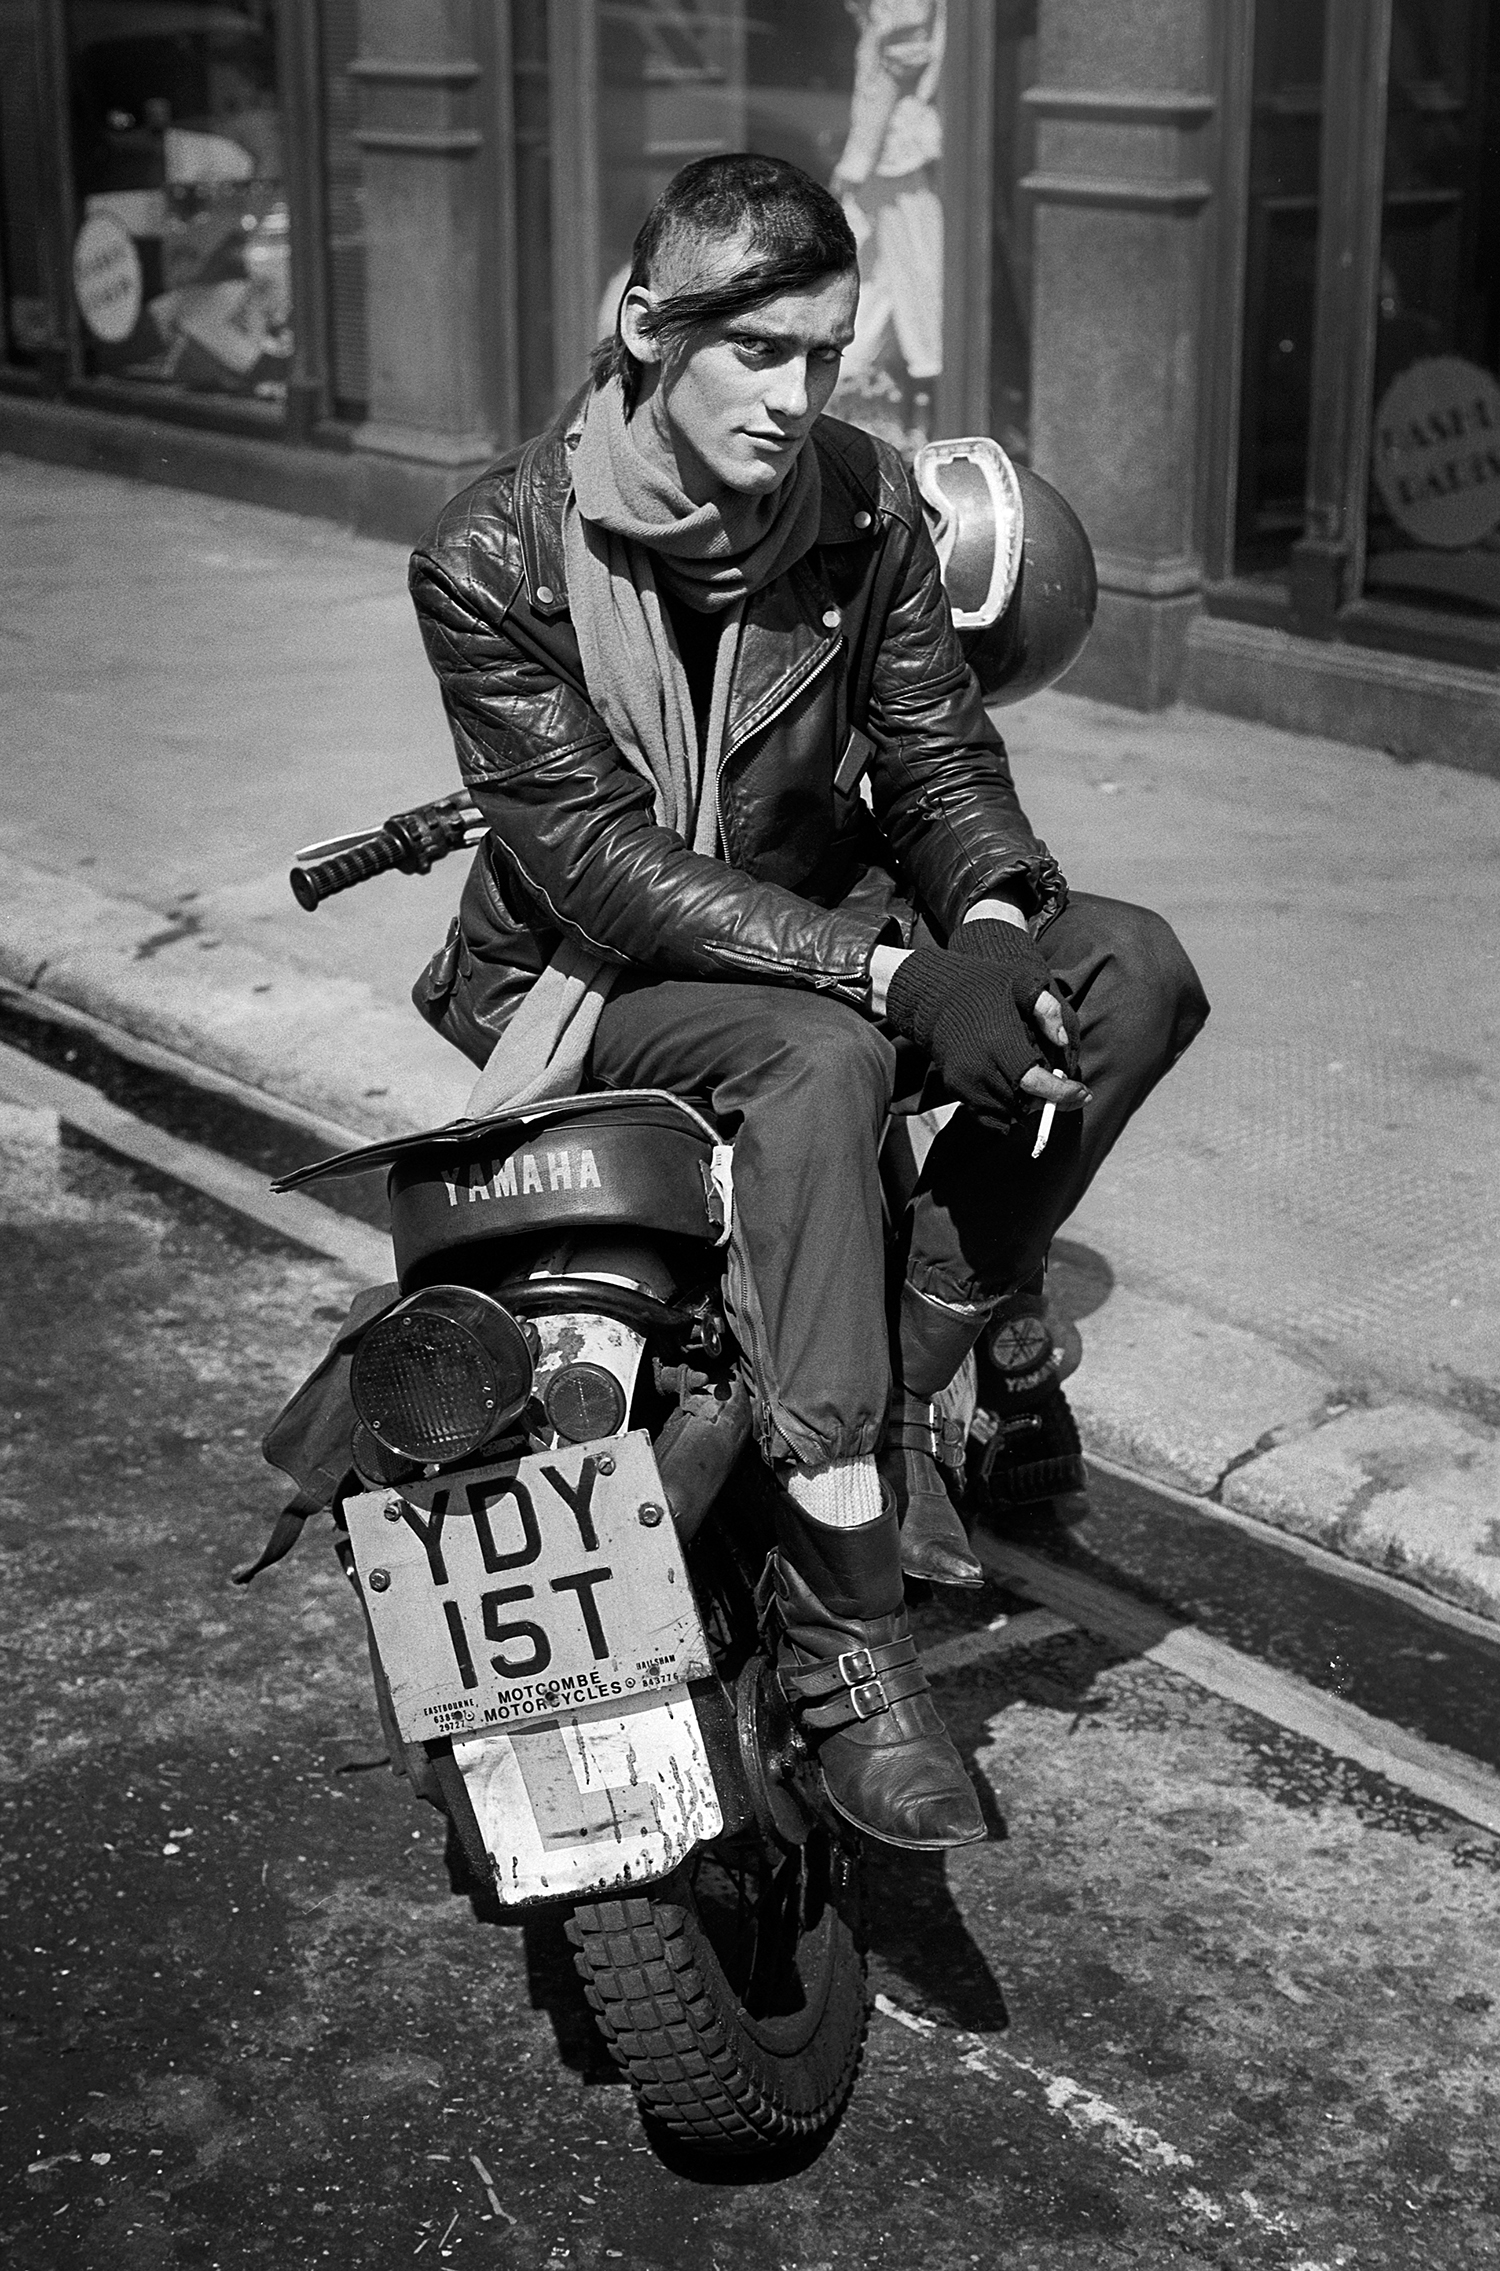 Bike messenger, Soho 1984.